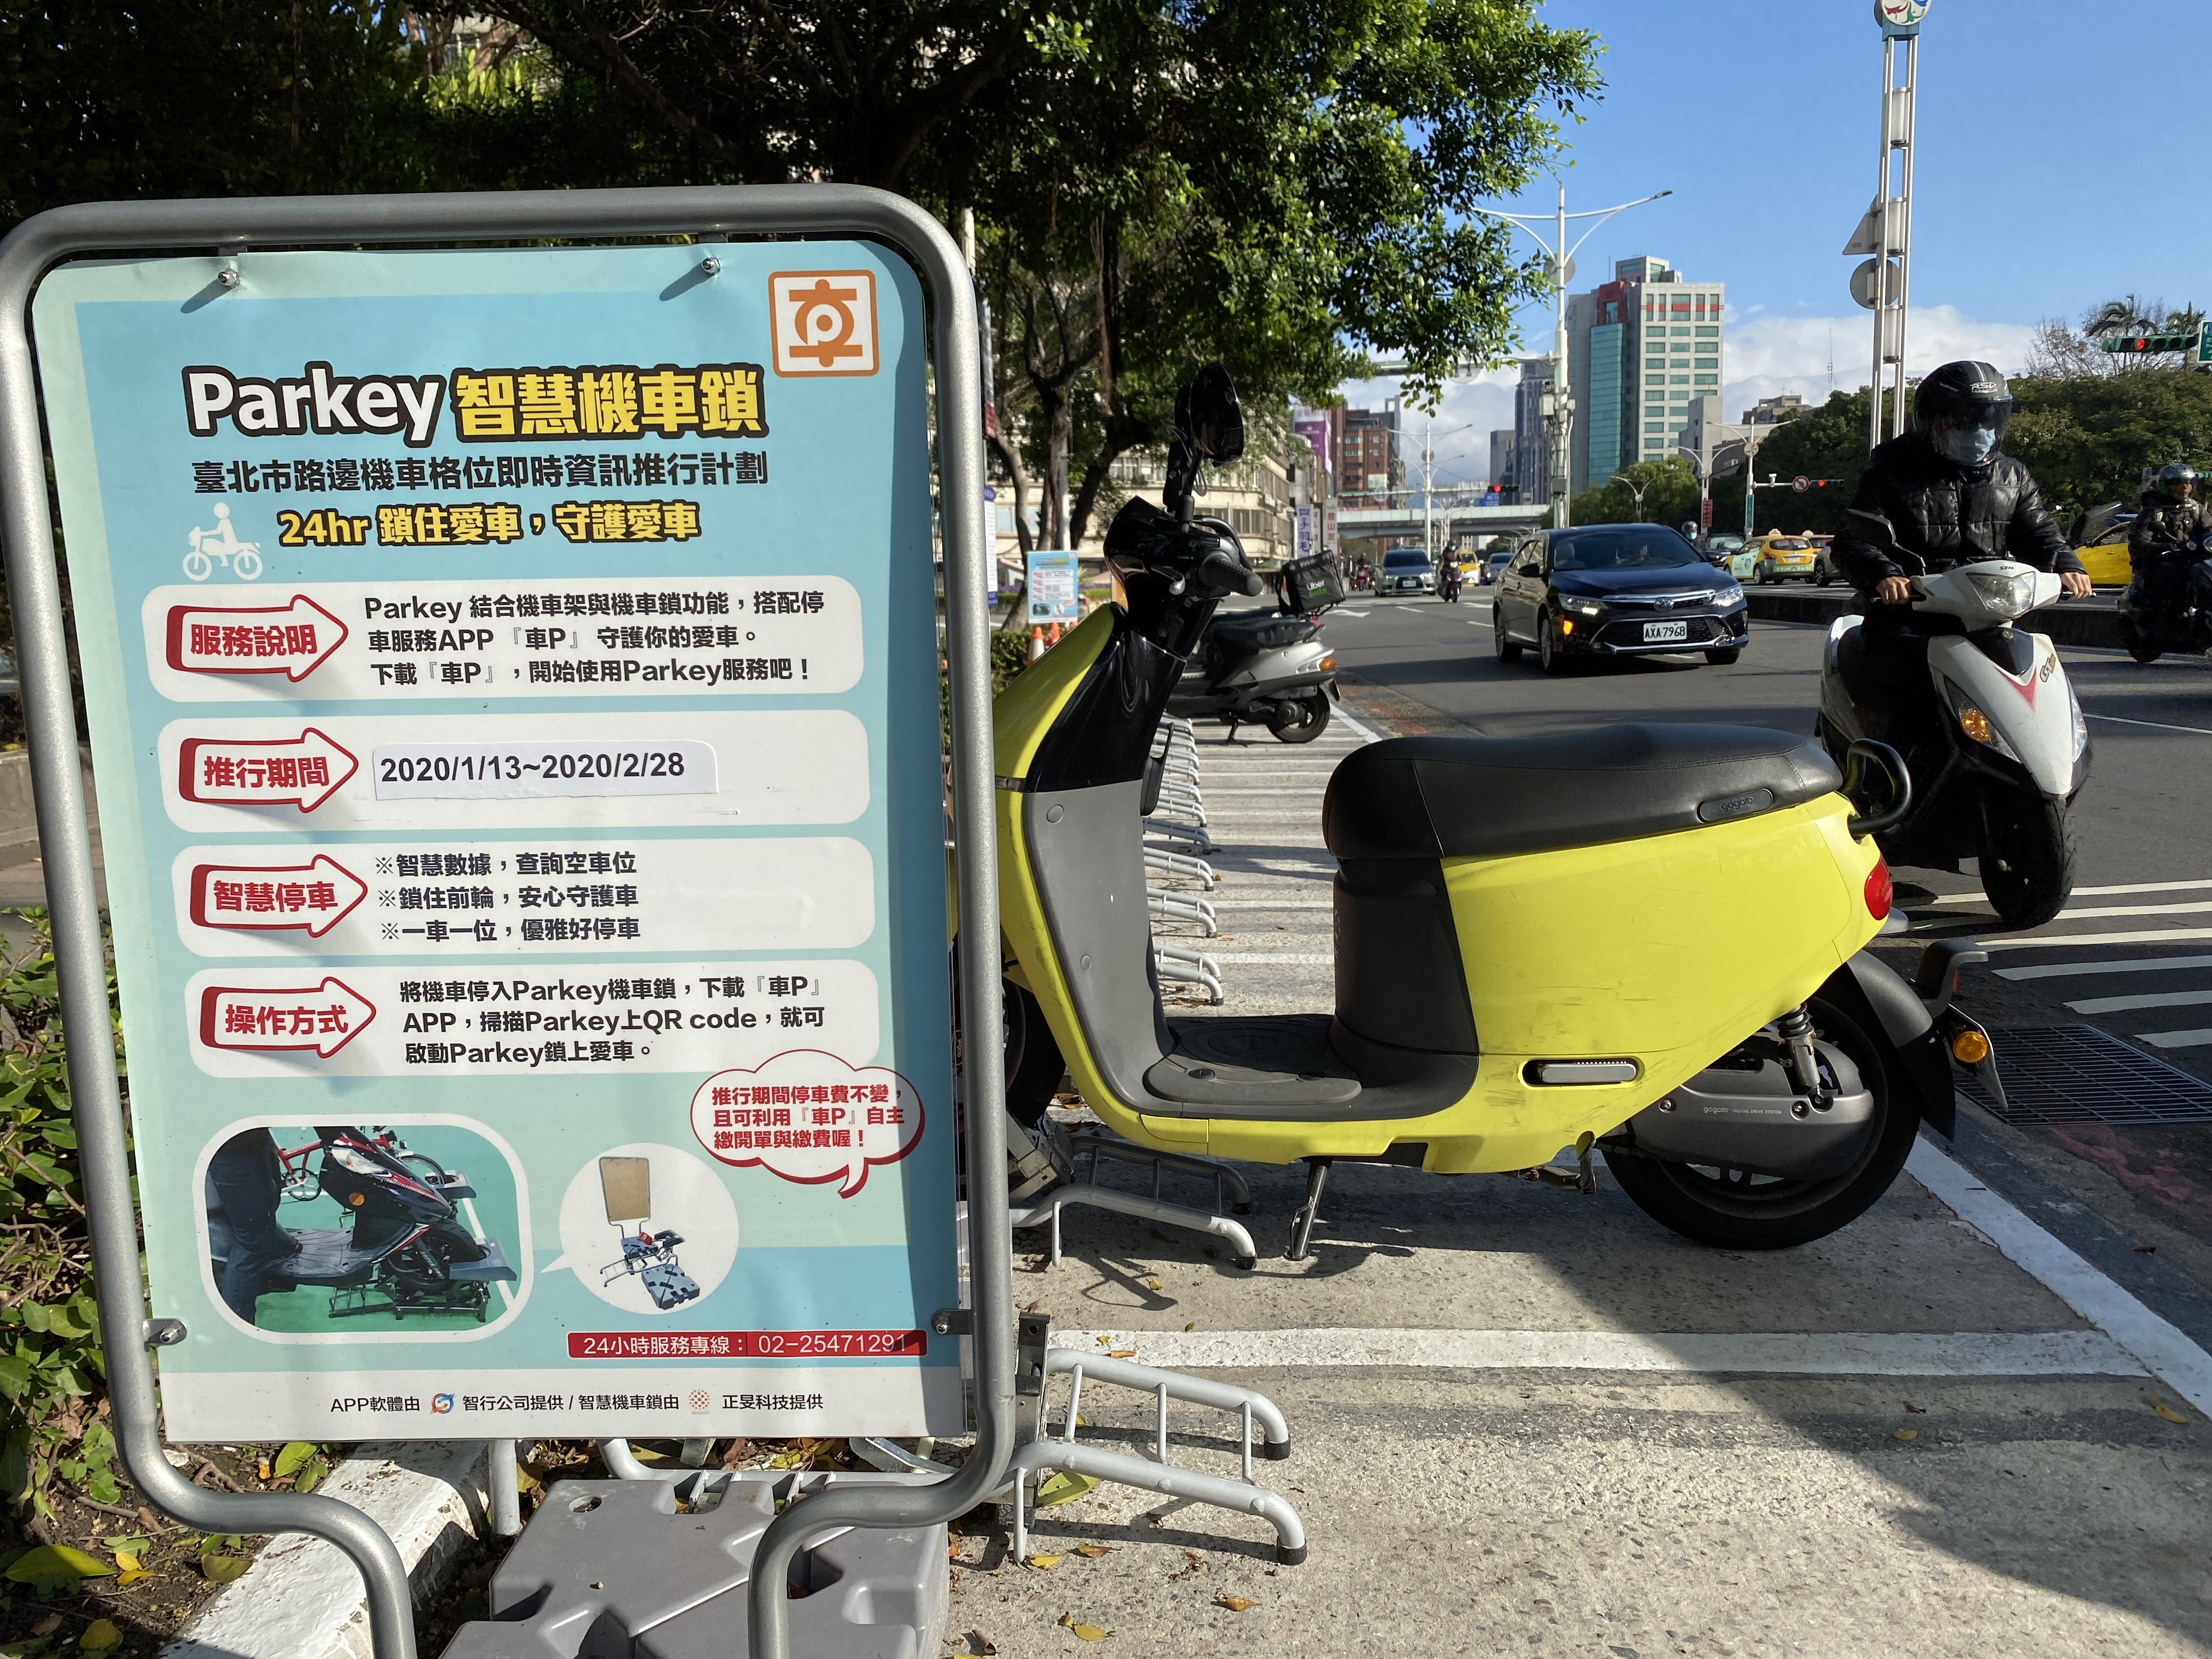 照片中提到了Parkey智慧機車鎖、臺北市路邊機車格位即時資訊推行計劃、24hr鎖住愛車守護愛車,跟派克·漢尼芬、迪馬齊奧有關,包含了汽車、摩托車、汽車、摩托車、運輸